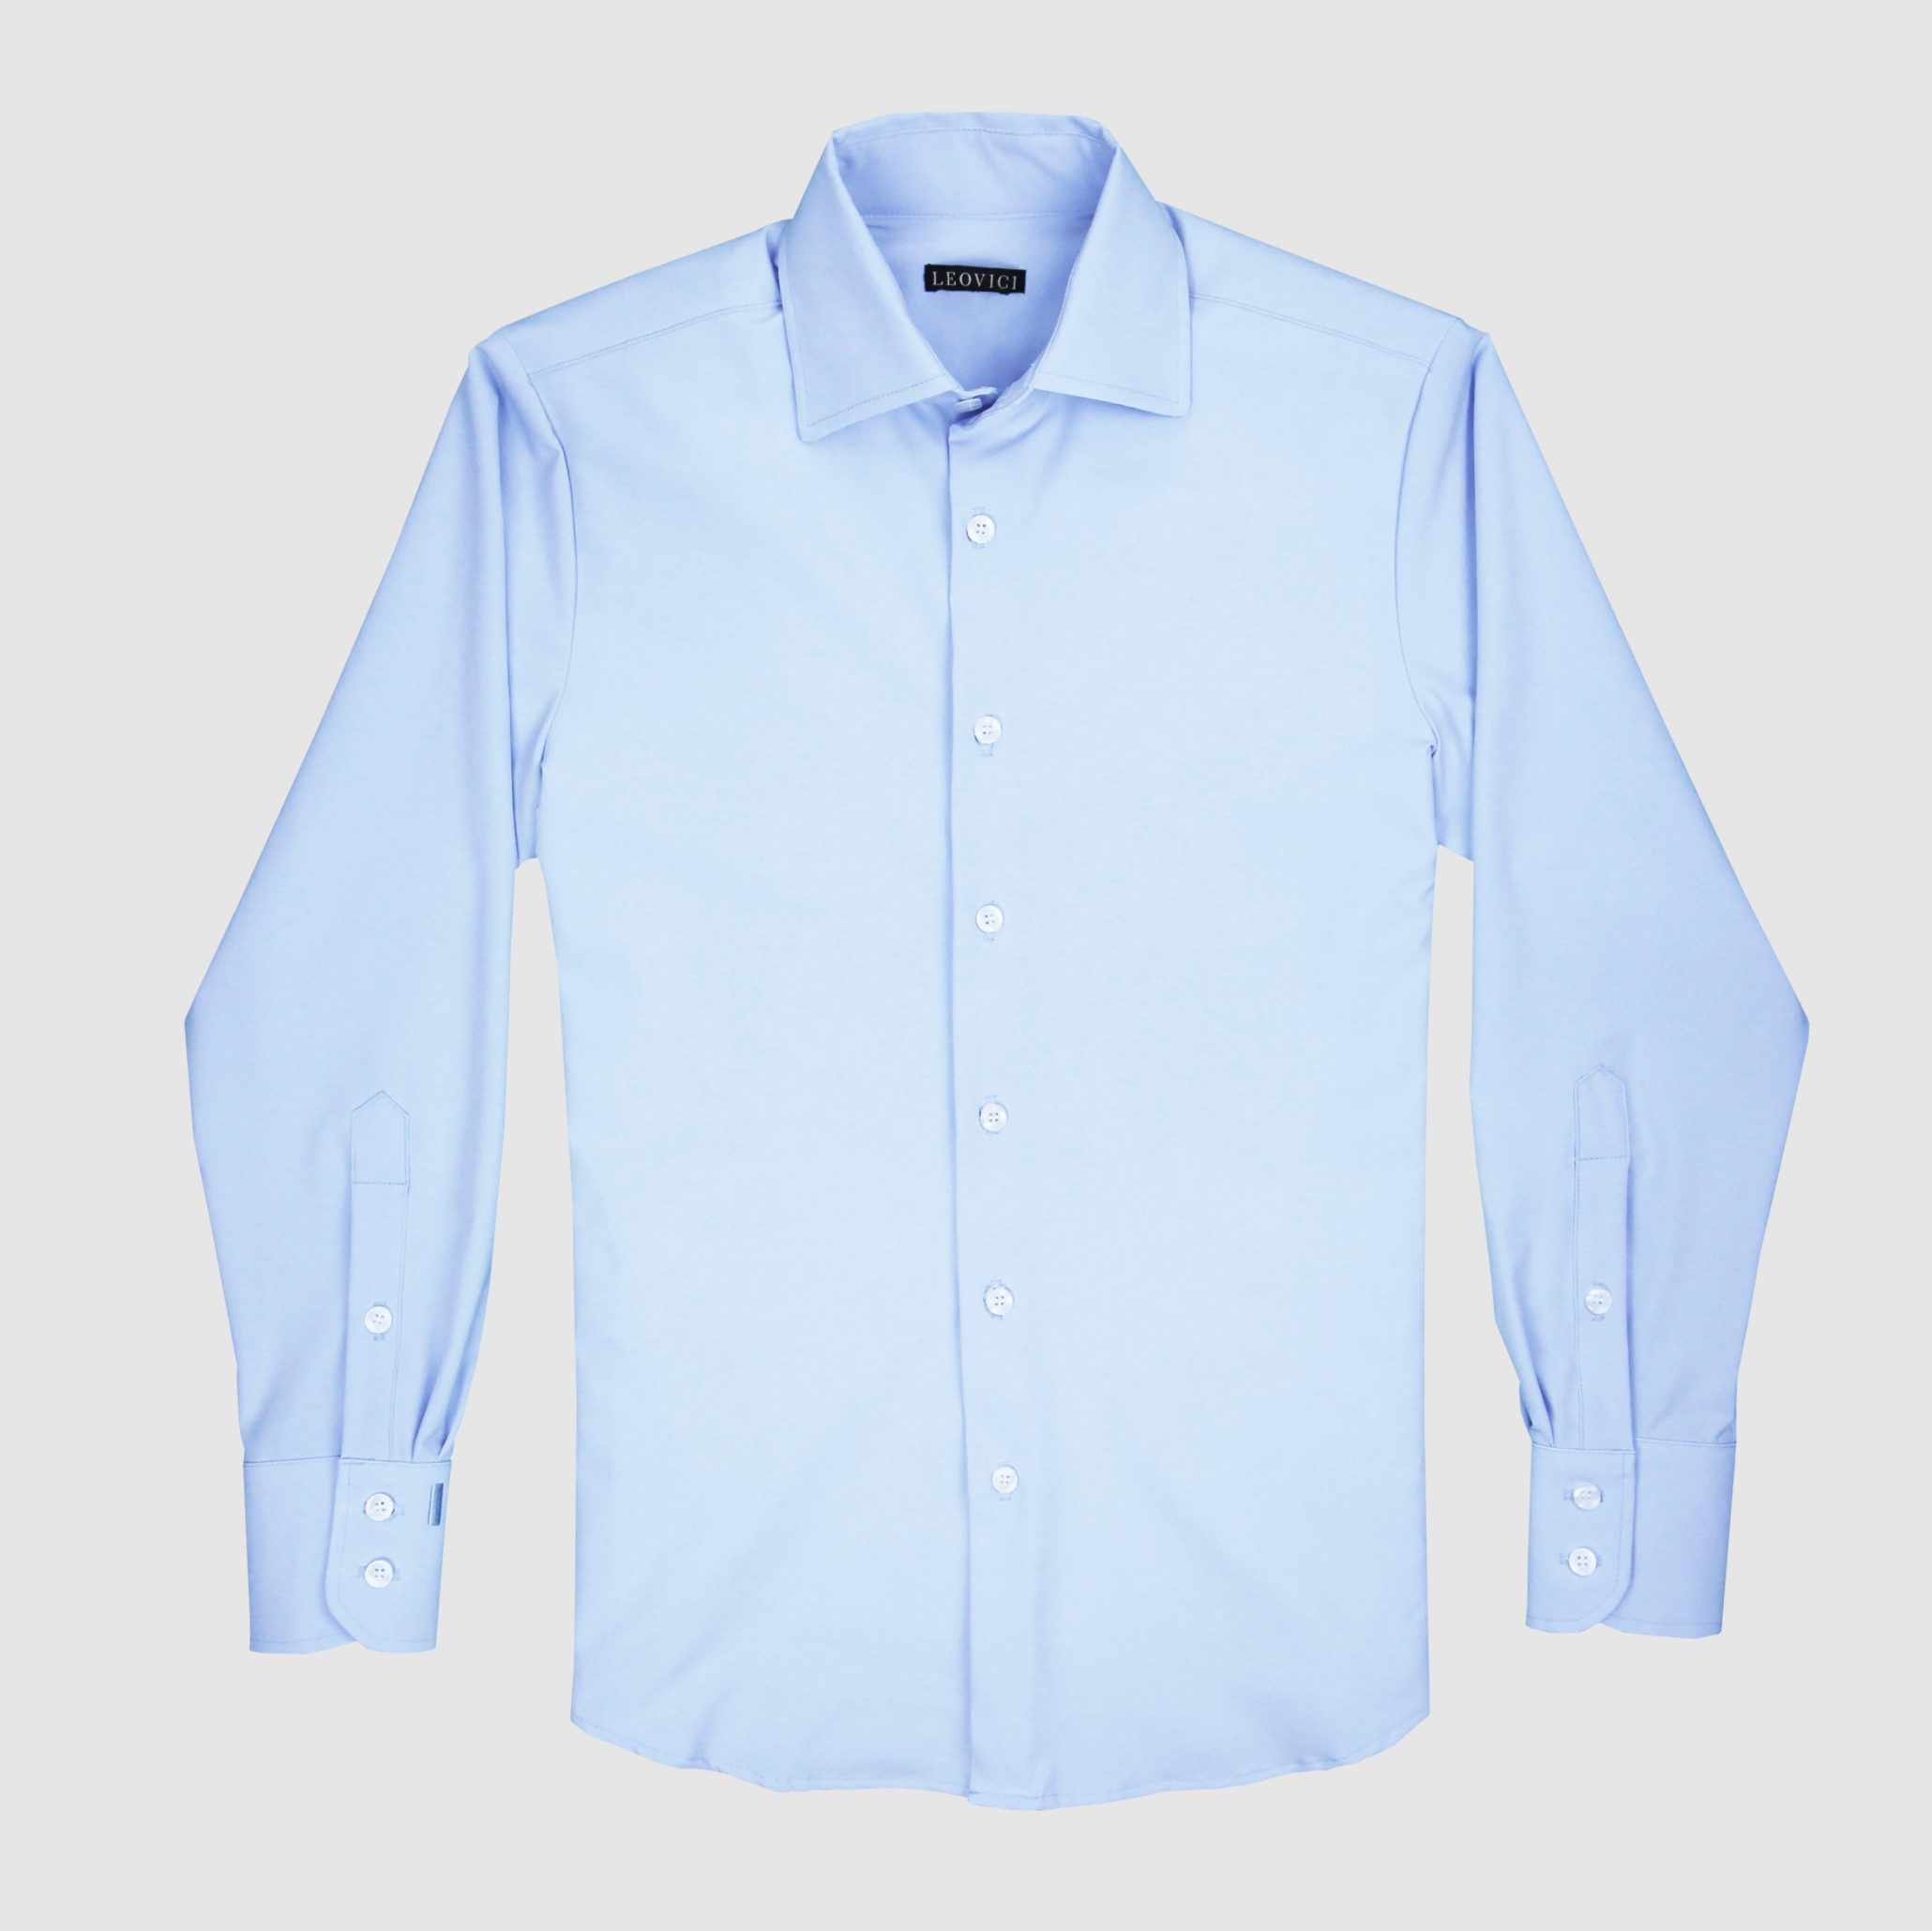 Leovici Dress Shirt